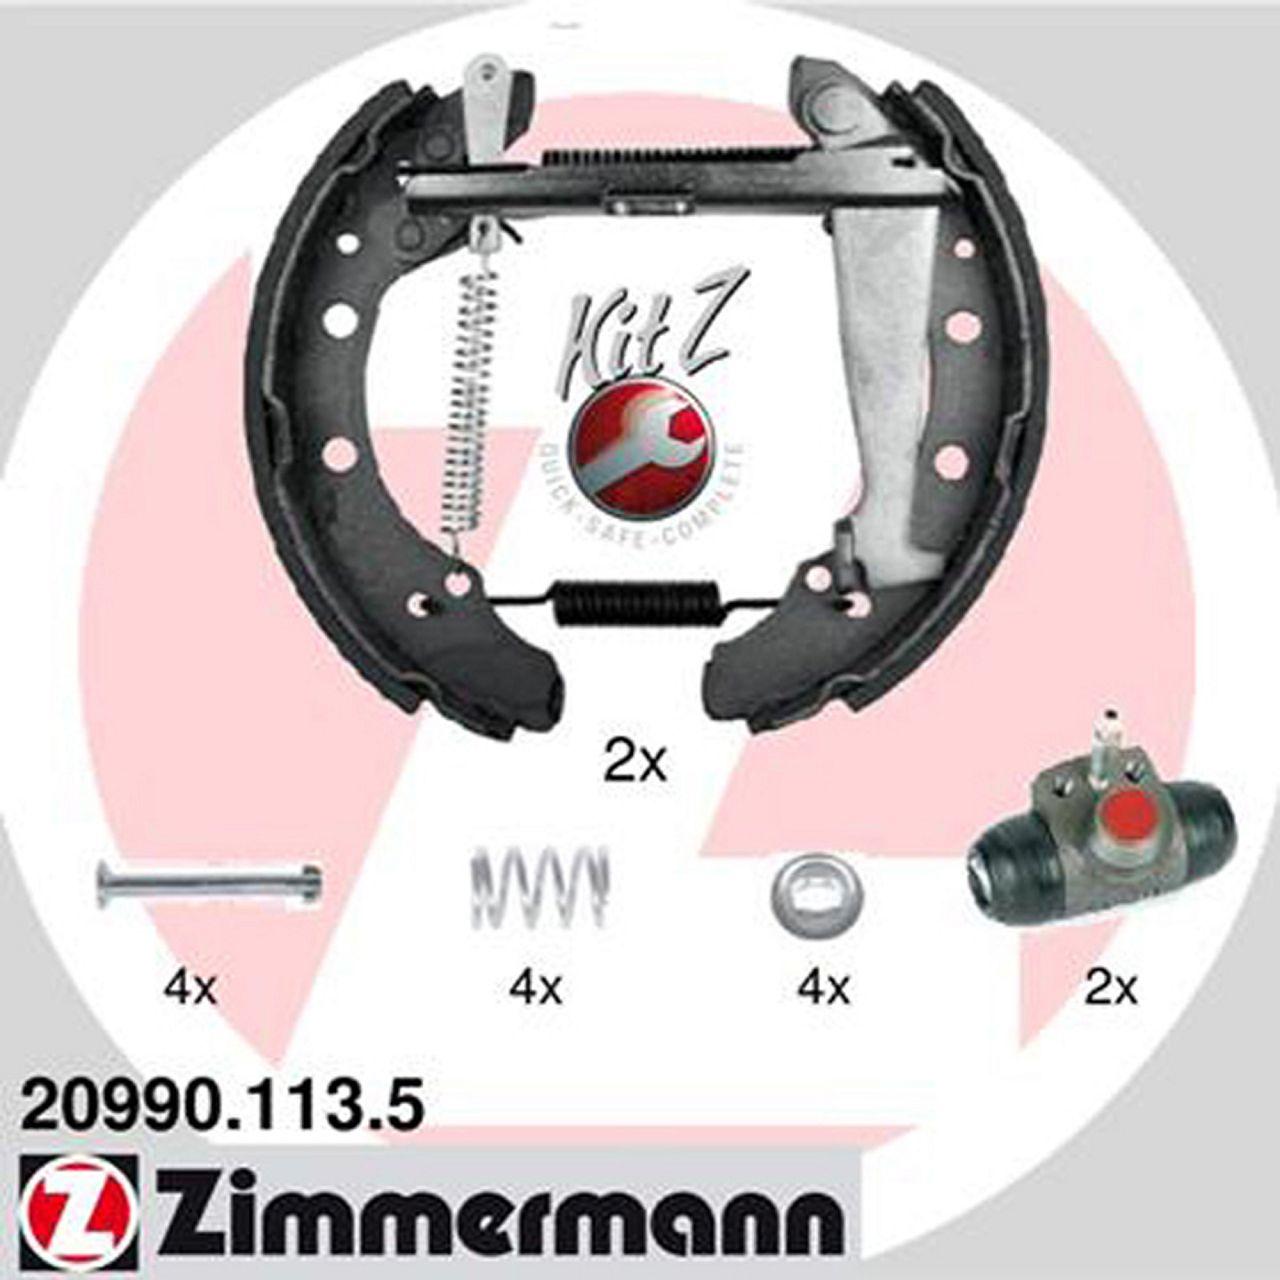 ZIMMERMANN Bremsbacken + Radbremszylinder für Skoda Felicia I II (6U) 1.6 1.9D